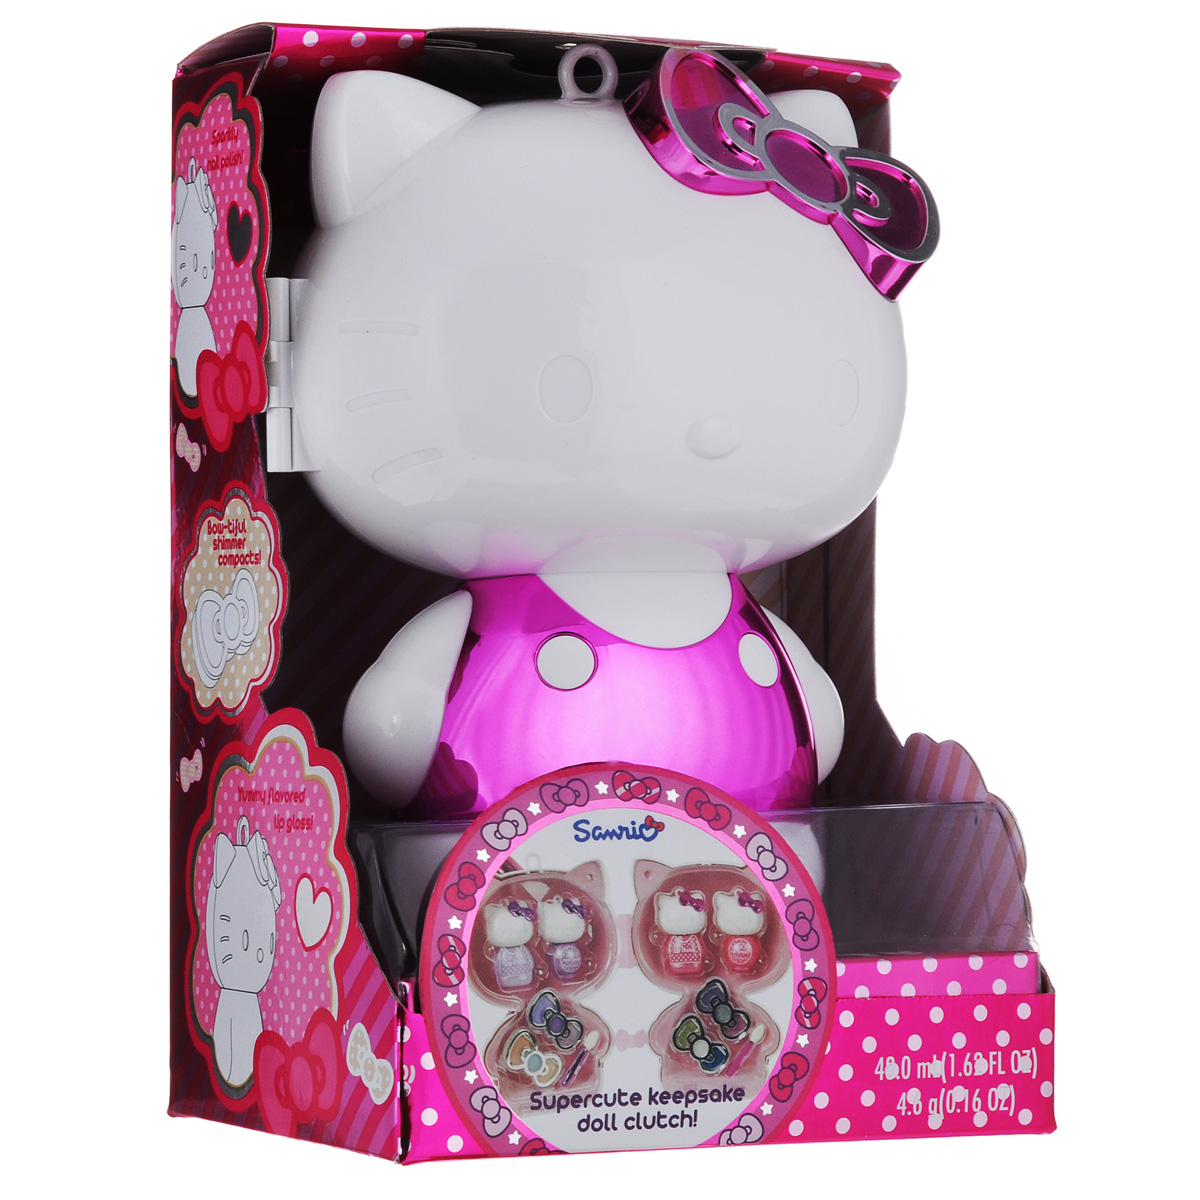 Косметика детская hello kitty купить эйвон для новых представителей